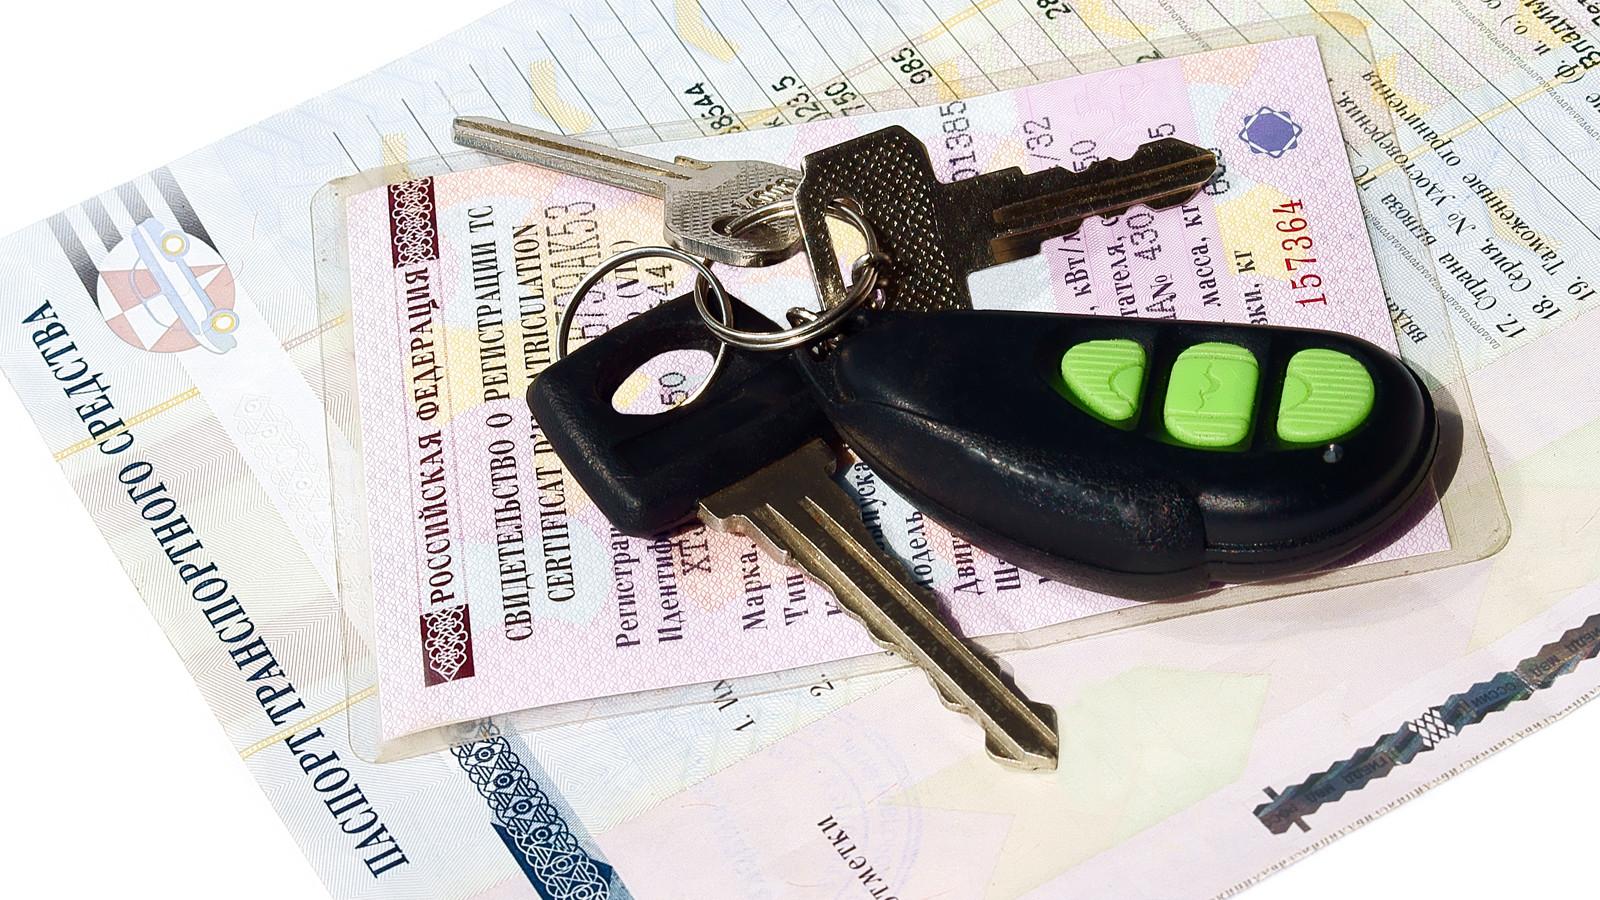 Водителям разрешат самим выдумывать номер для машины